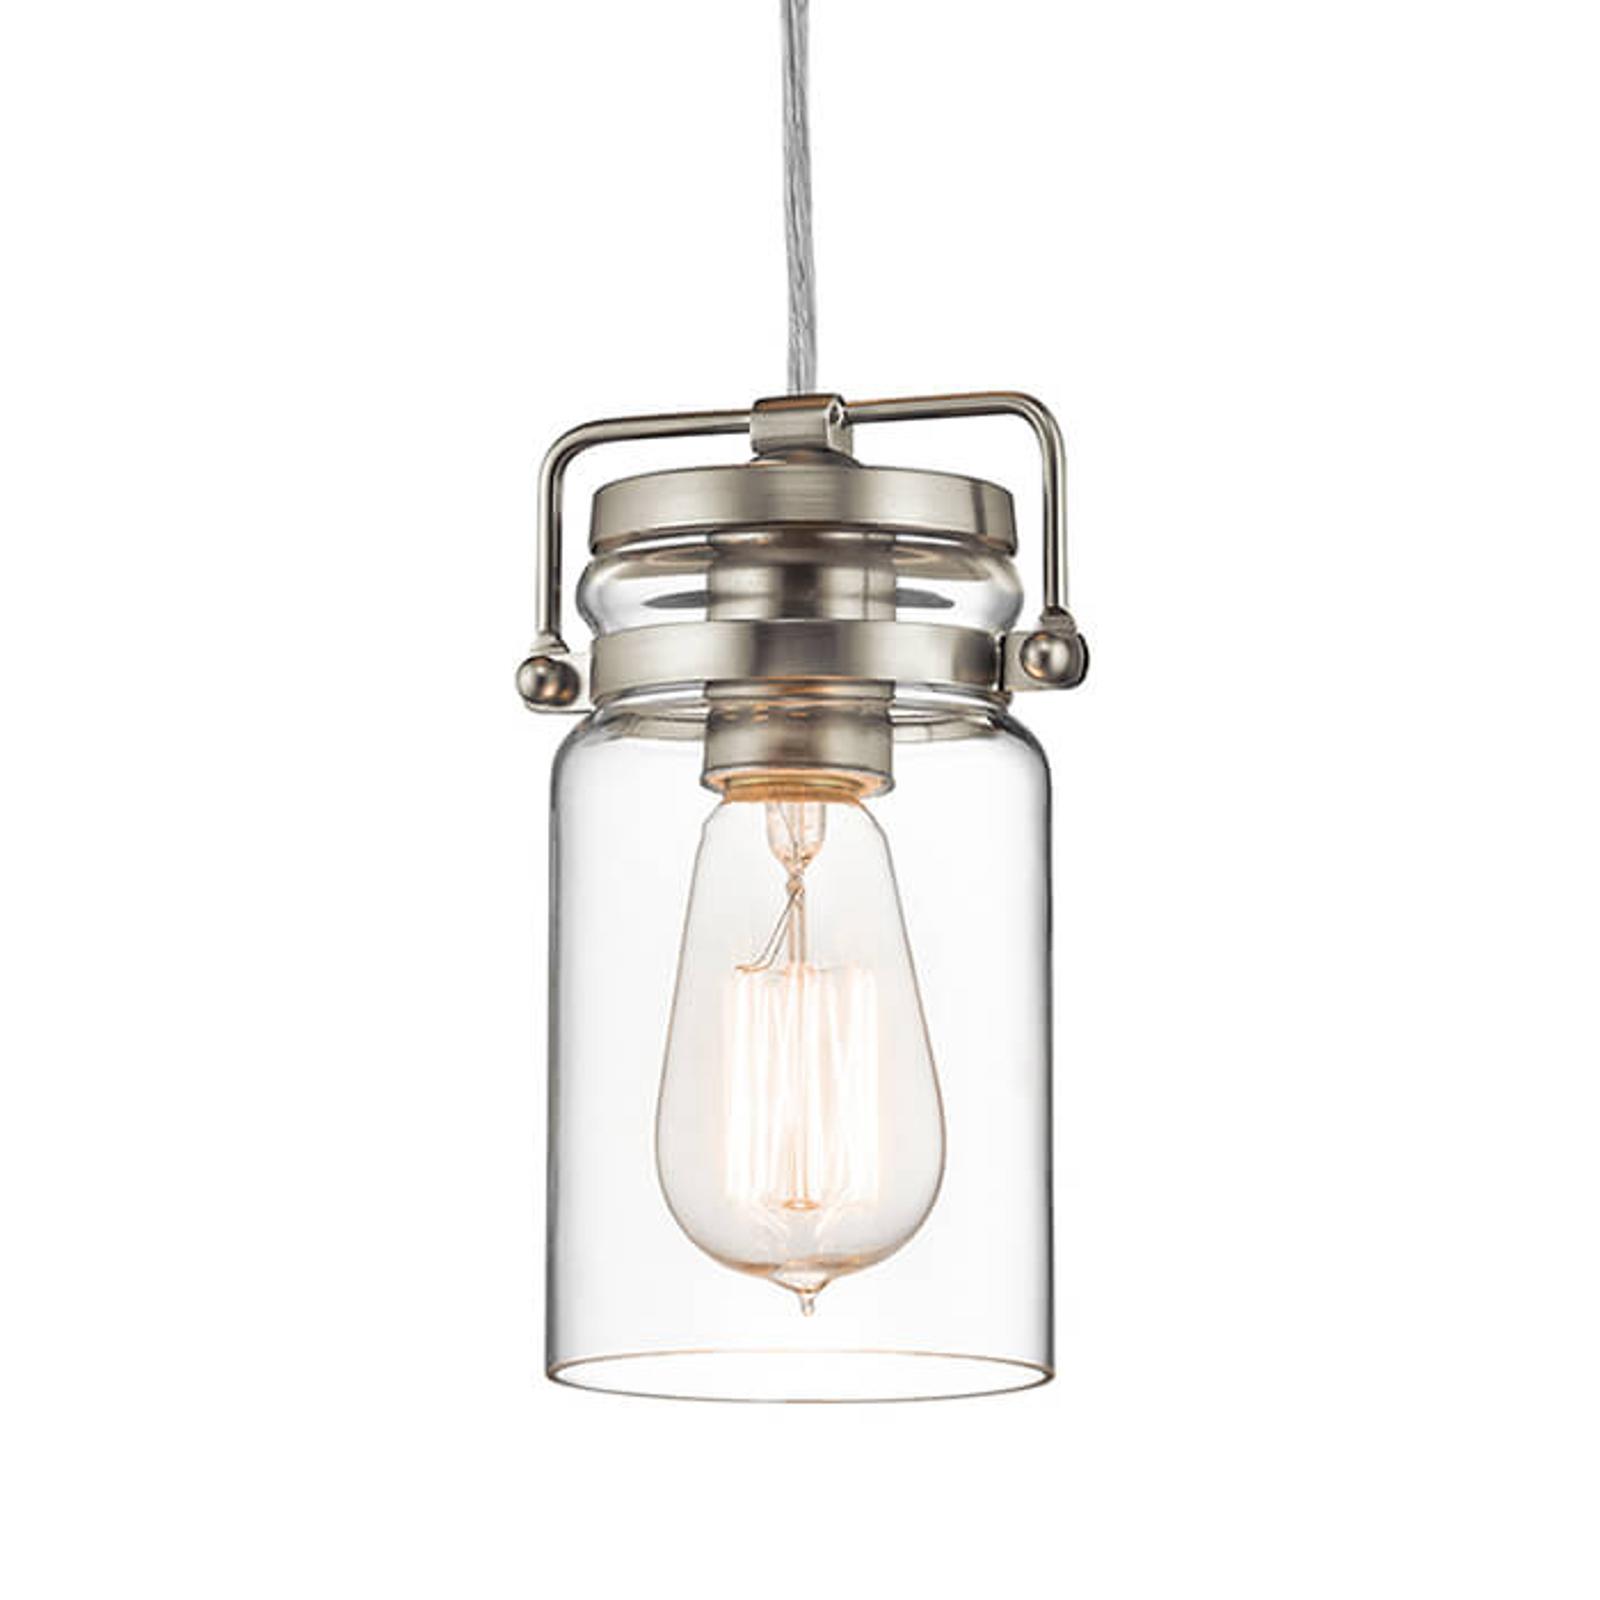 Actueel ontworpen hanglamp Brinley in retrostijl